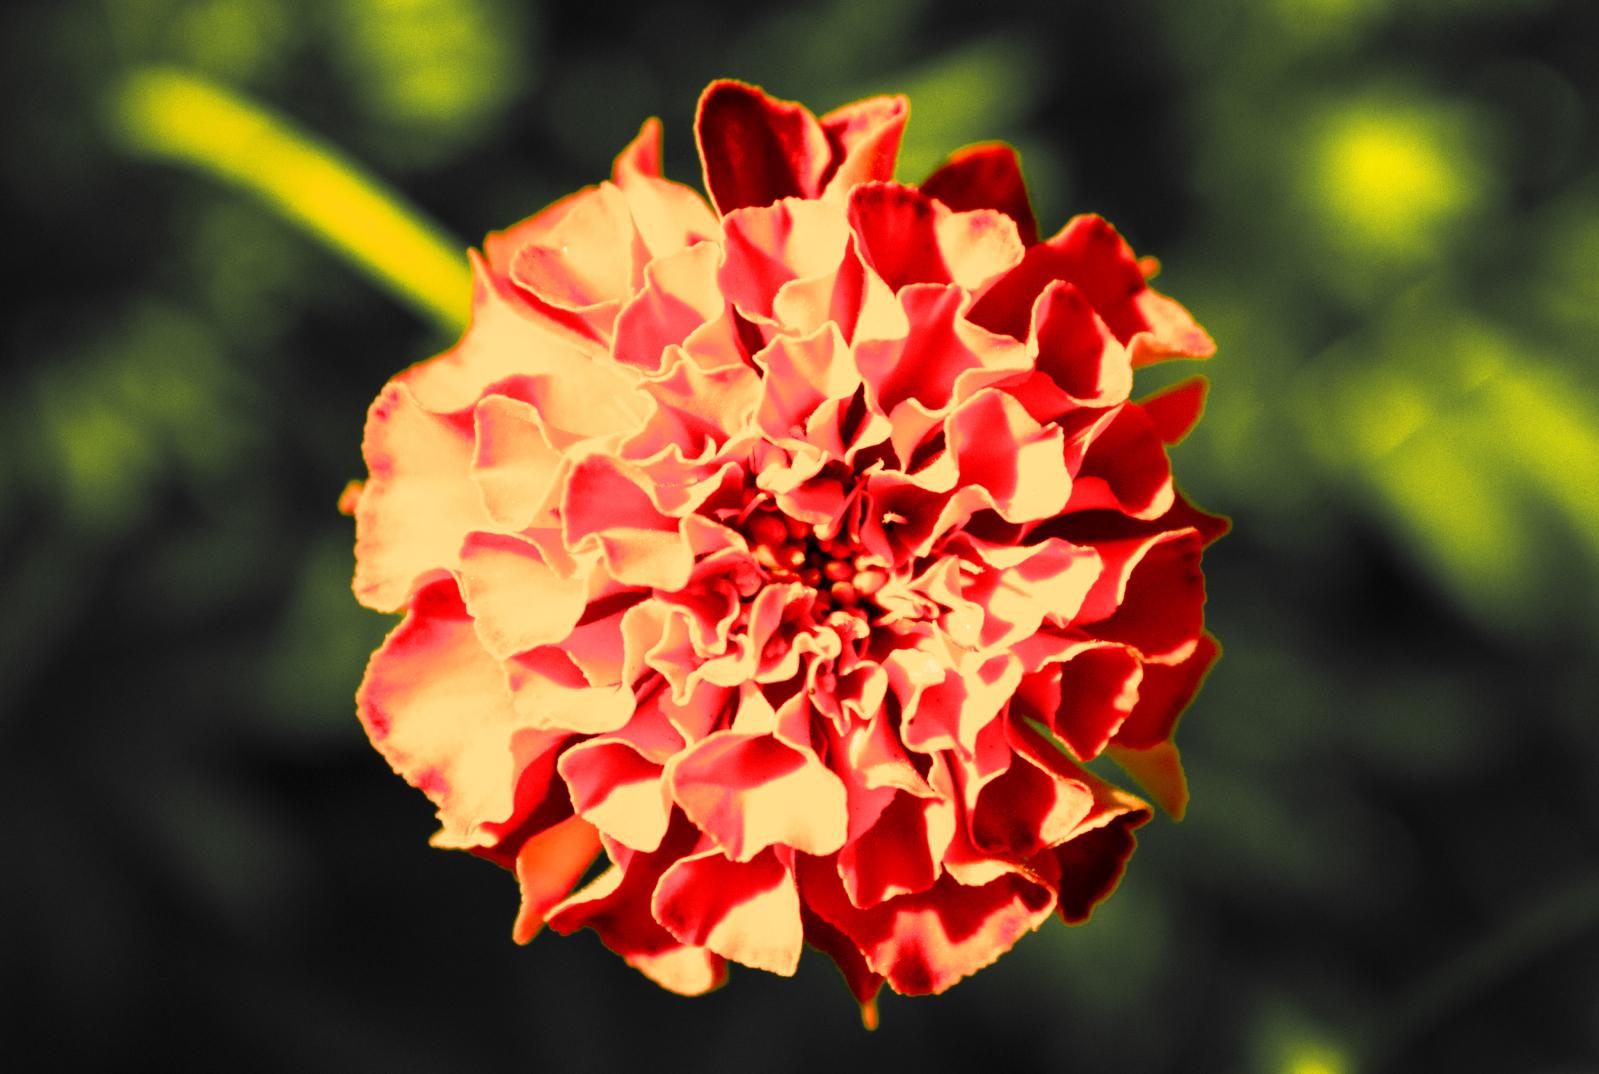 http://fs1.directupload.net/images/150405/jfmfk5qy.jpg